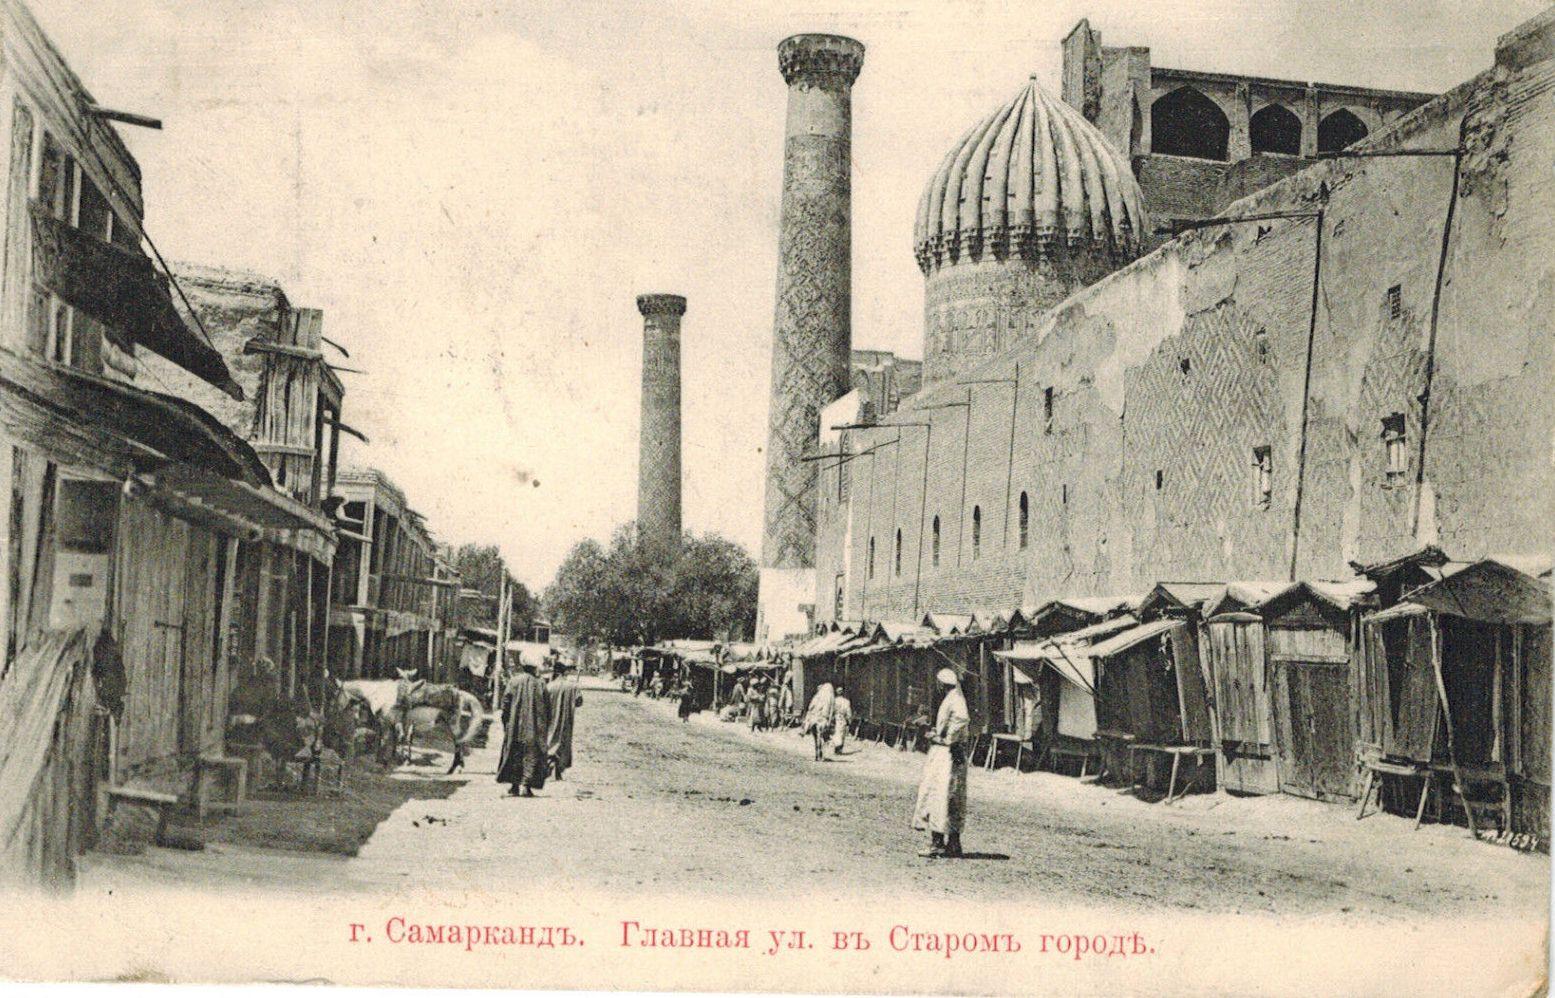 Главная улица в Старом городе